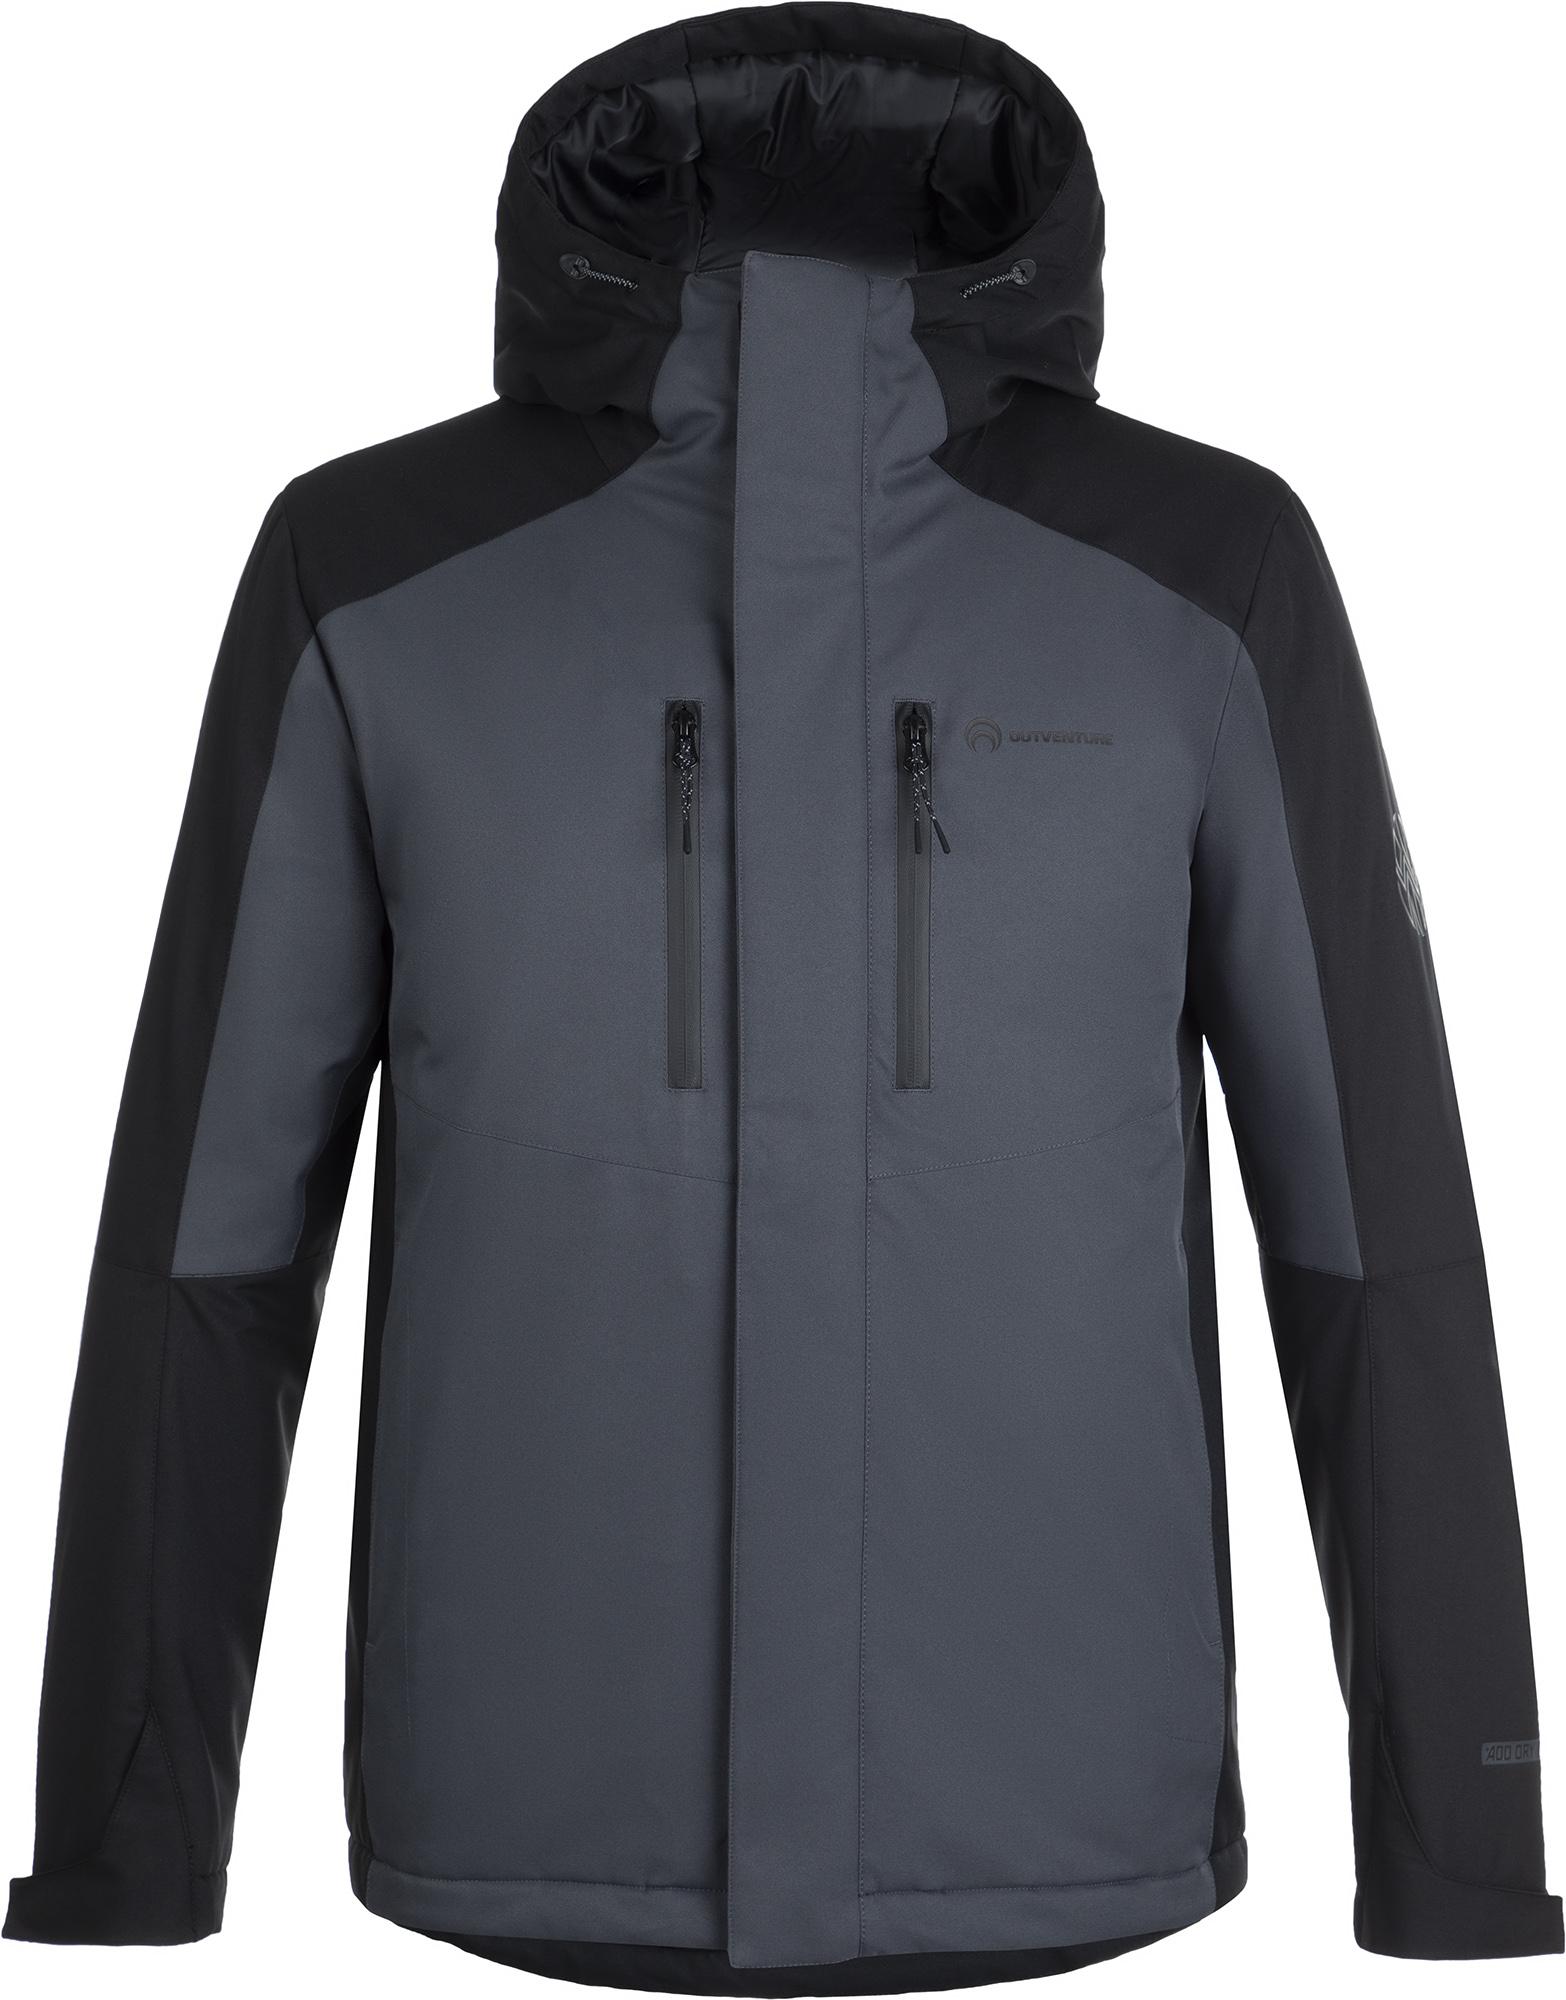 Фото - Outventure Куртка утепленная мужская Outventure, размер 48 outventure куртка утепленная мужская outventure размер 50